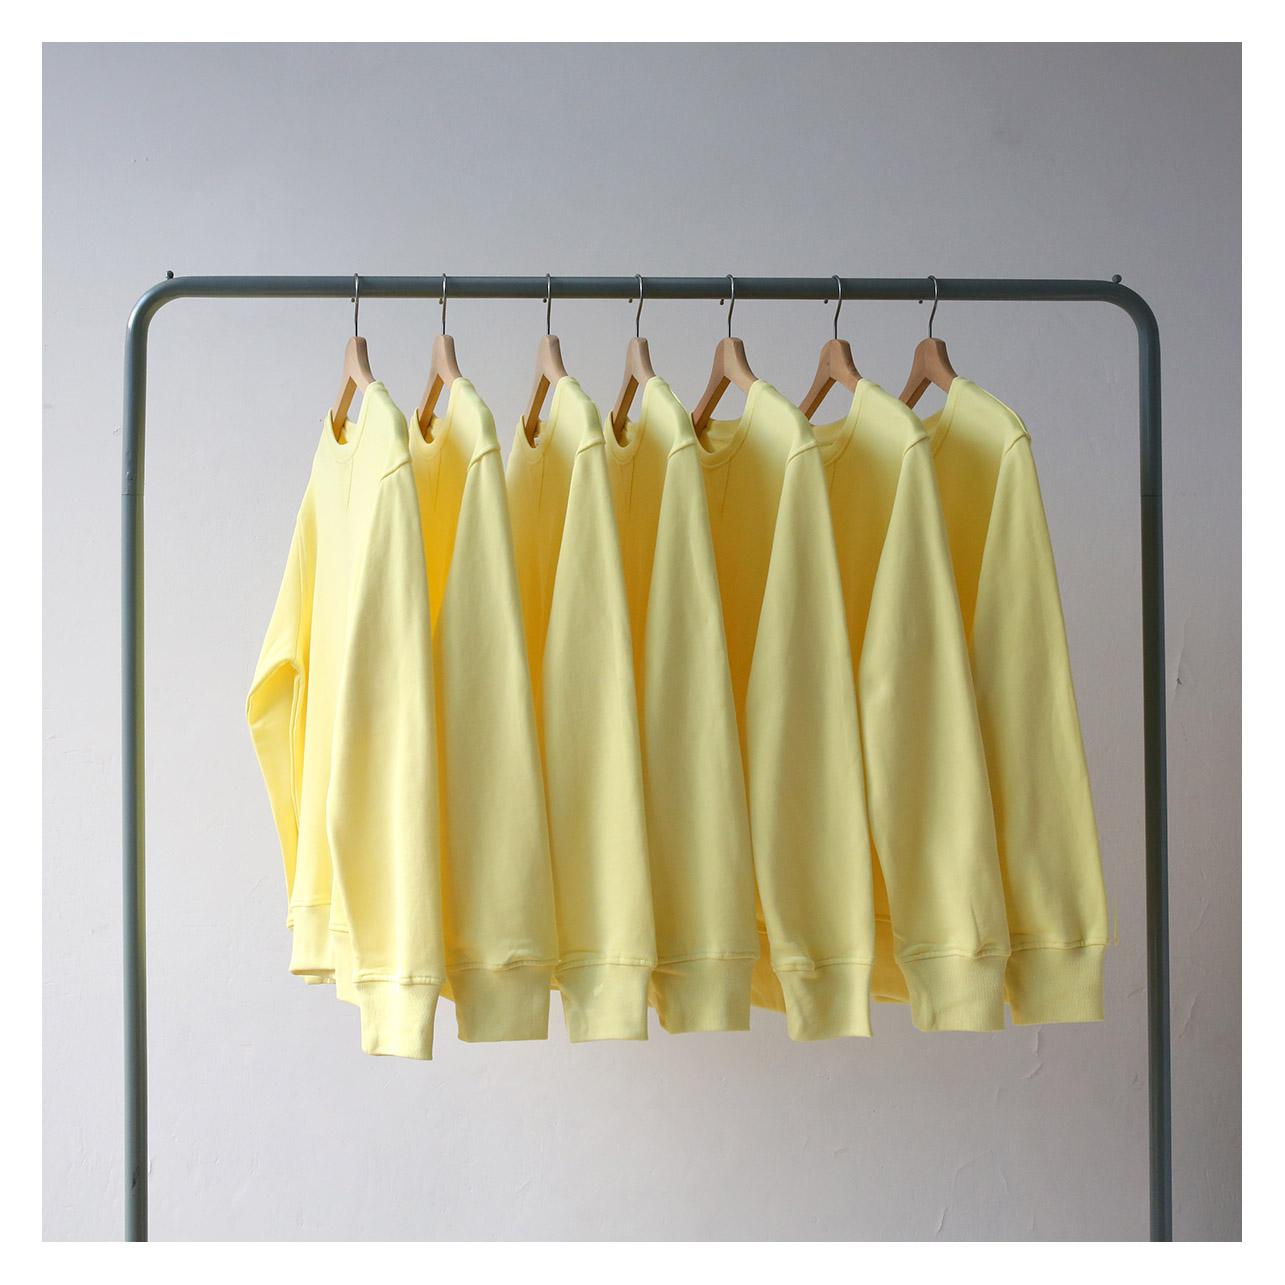 黄色卫衣 320克纯棉毛圈鸢尾黄小鸡黄婴儿浅黄色套头圆领卫衣男 女bf风宽松_推荐淘宝好看的黄色卫衣